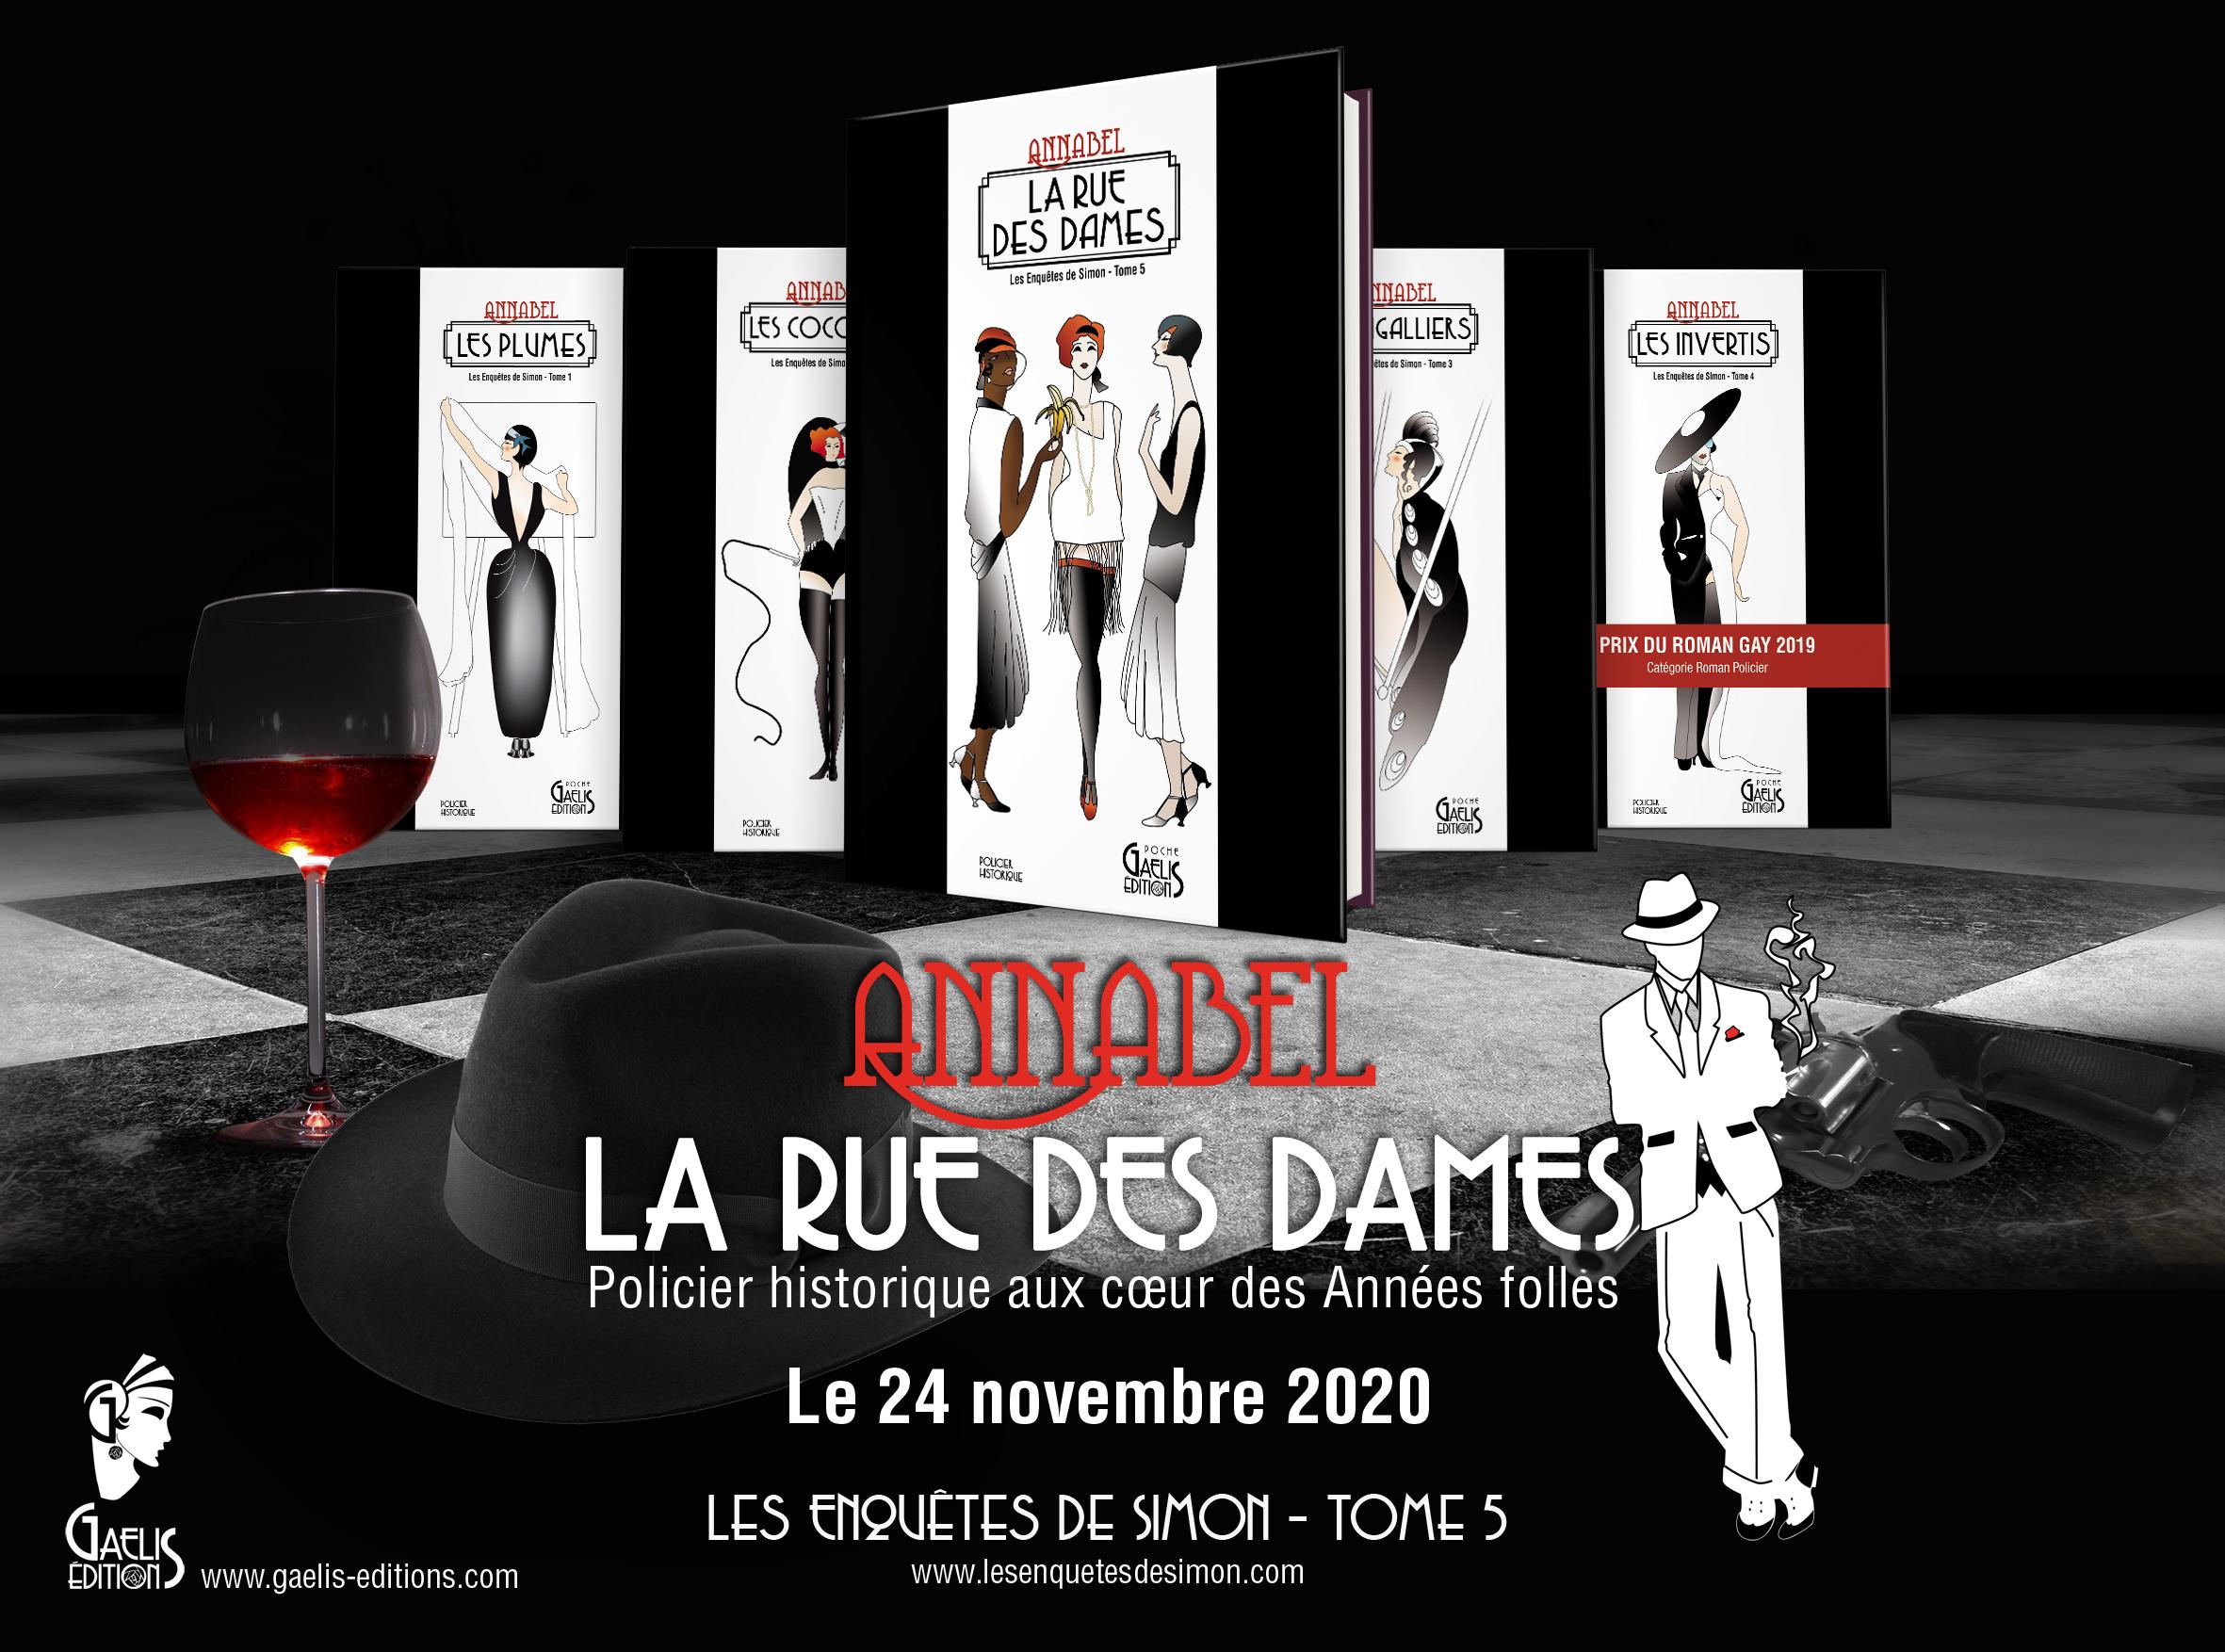 Collection-Les Enquetes de Simon-Annabel Gaelis Editions